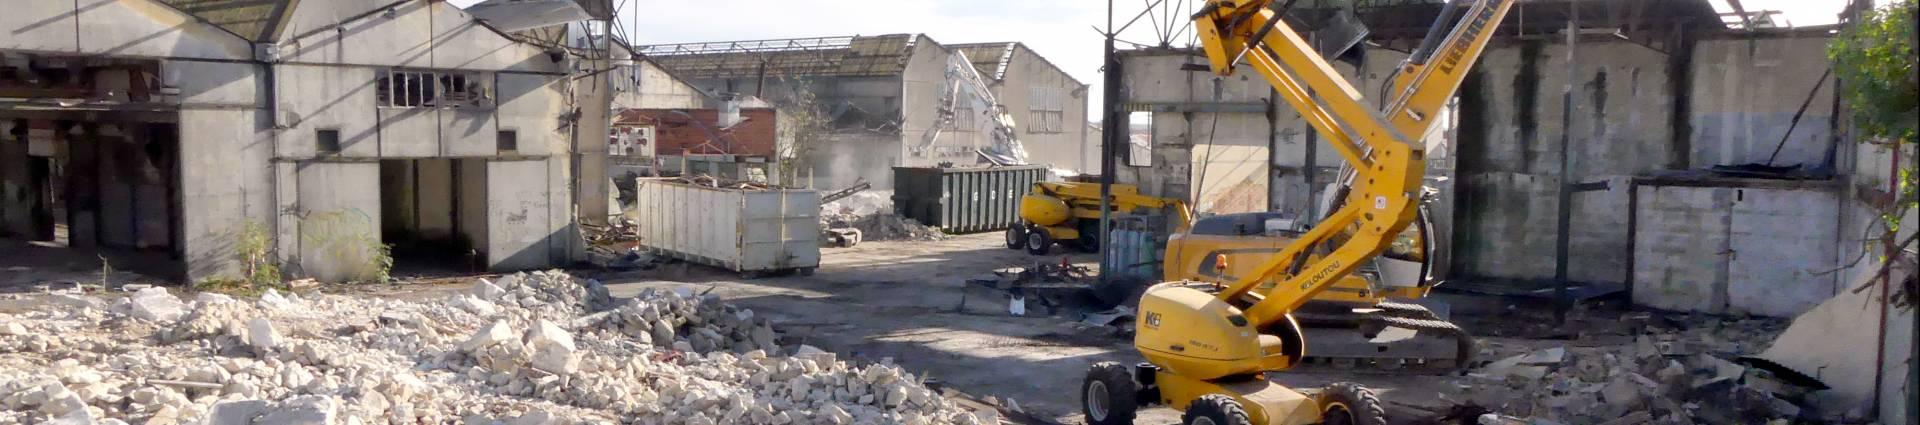 Le site Poyaud désamianté et démoli